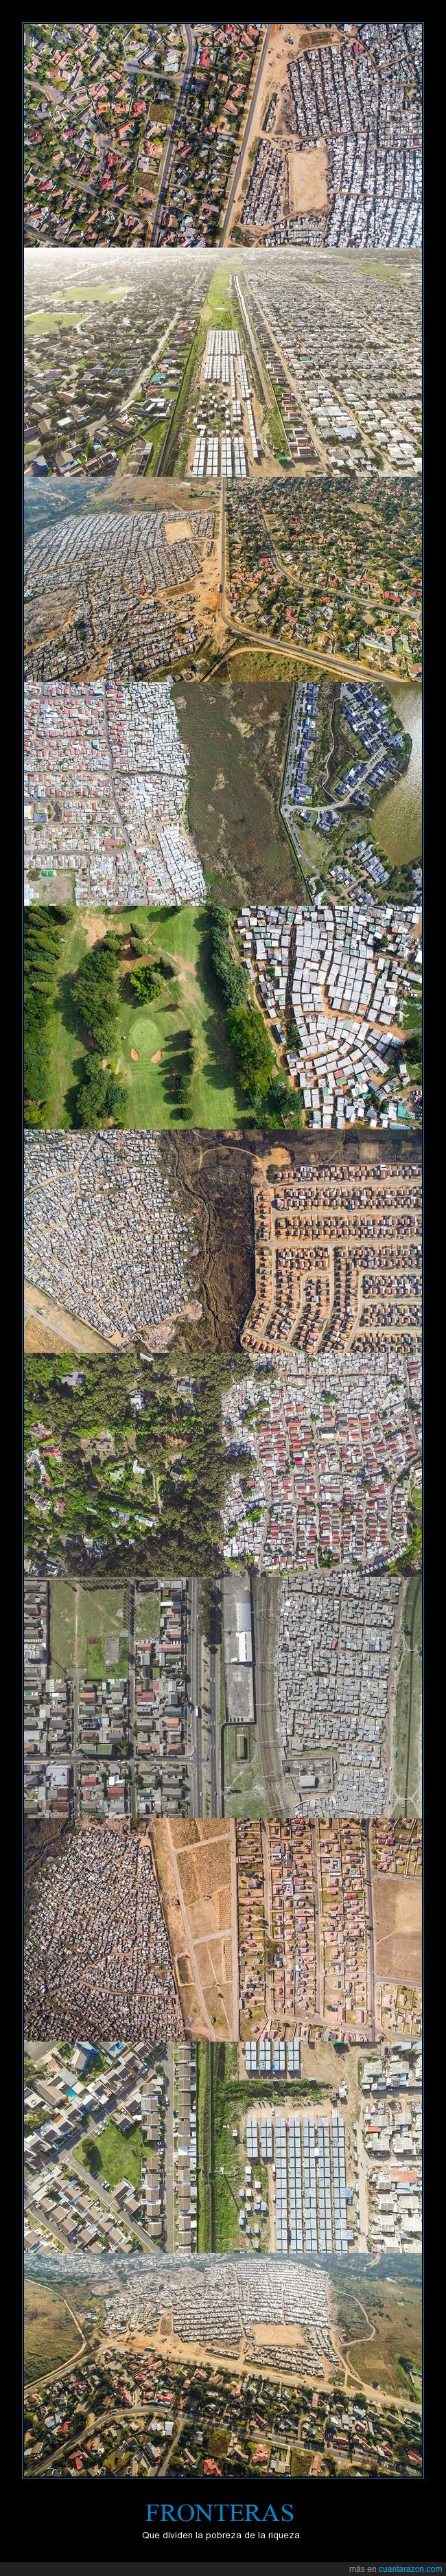 ciudades,drones,fotografías aéreas,pobreza,riqueza